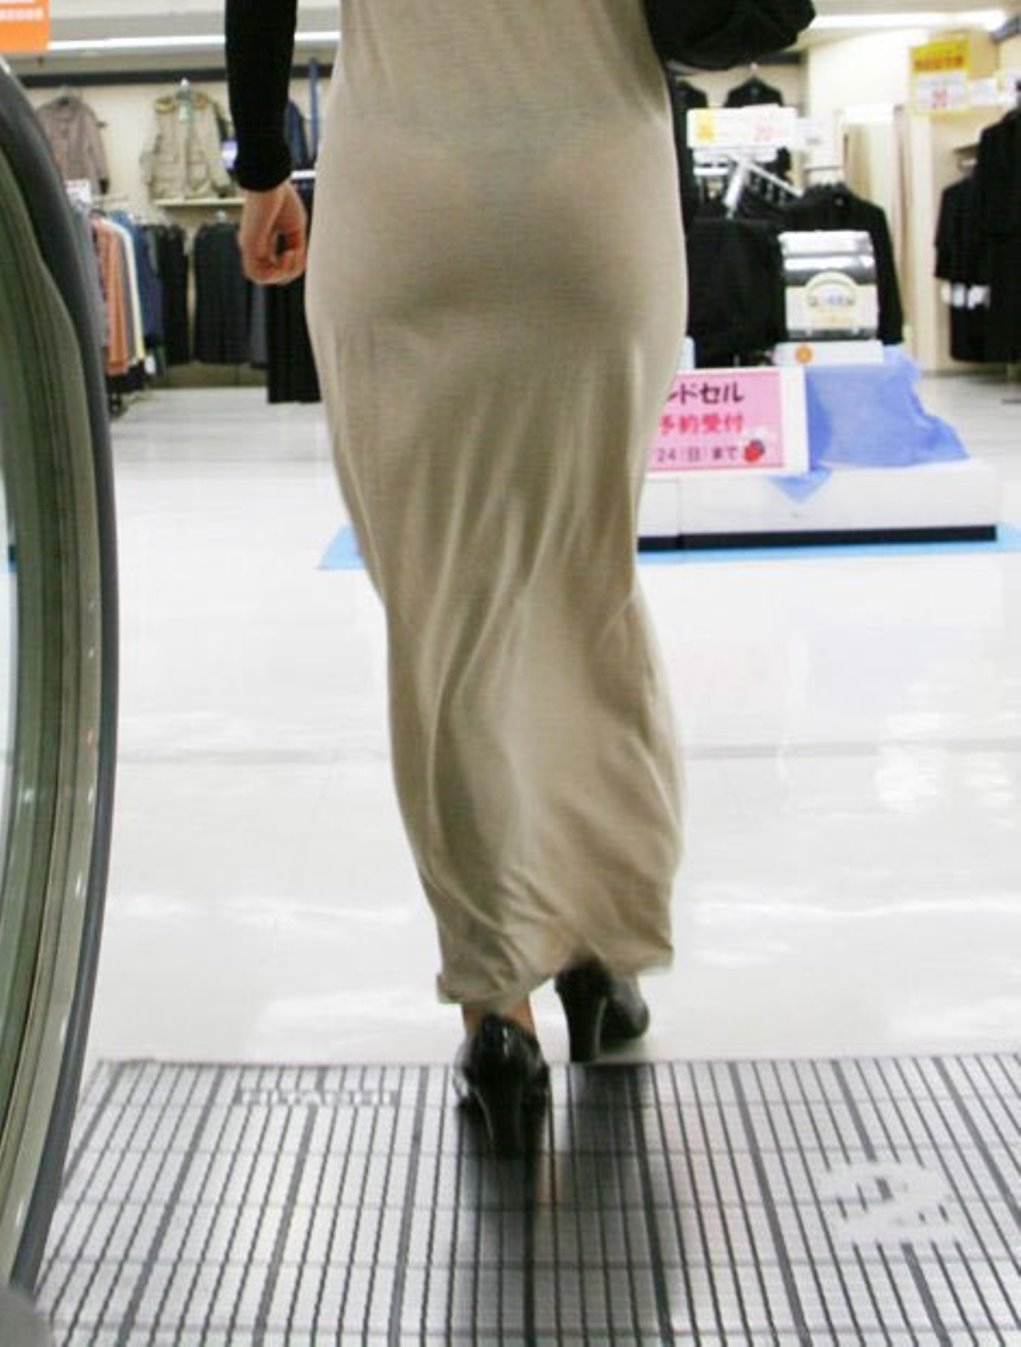 TBACKを履いてる事が容易に分かっちゃうシロウトの透けパンツ丸見え写真